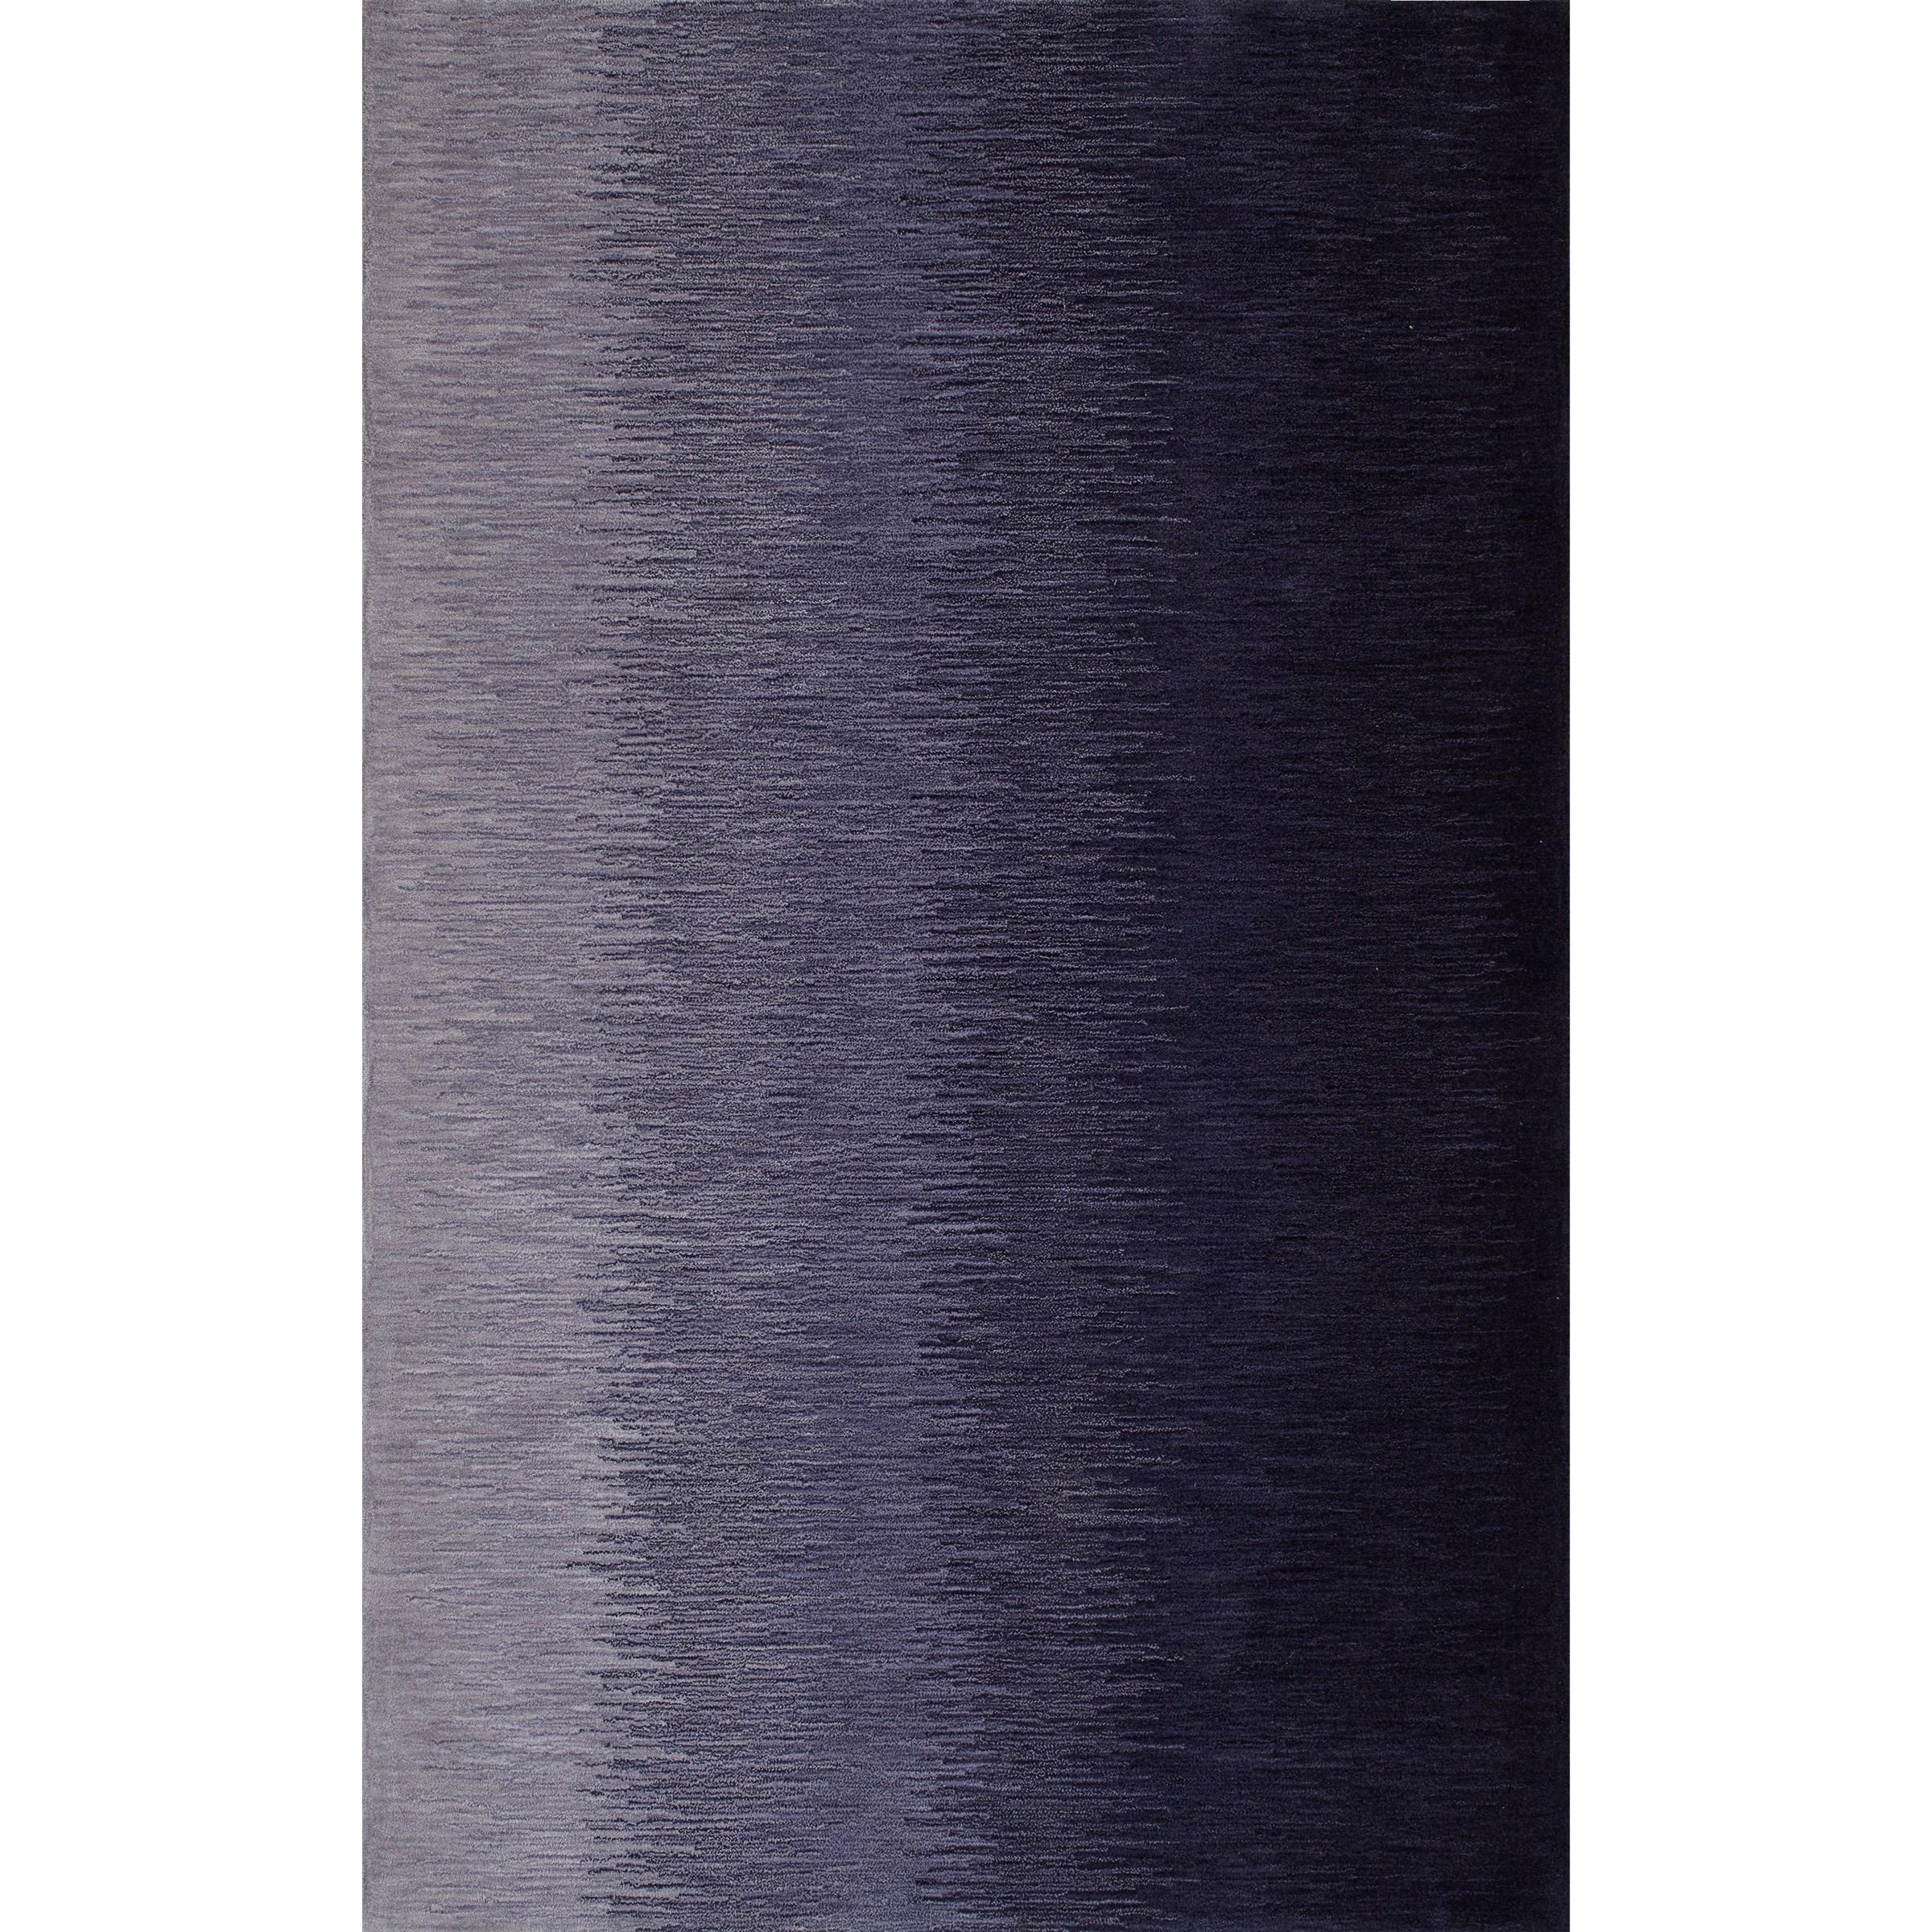 DelMar Amethyst 8'X10' Rug by Dalyn at Fashion Furniture